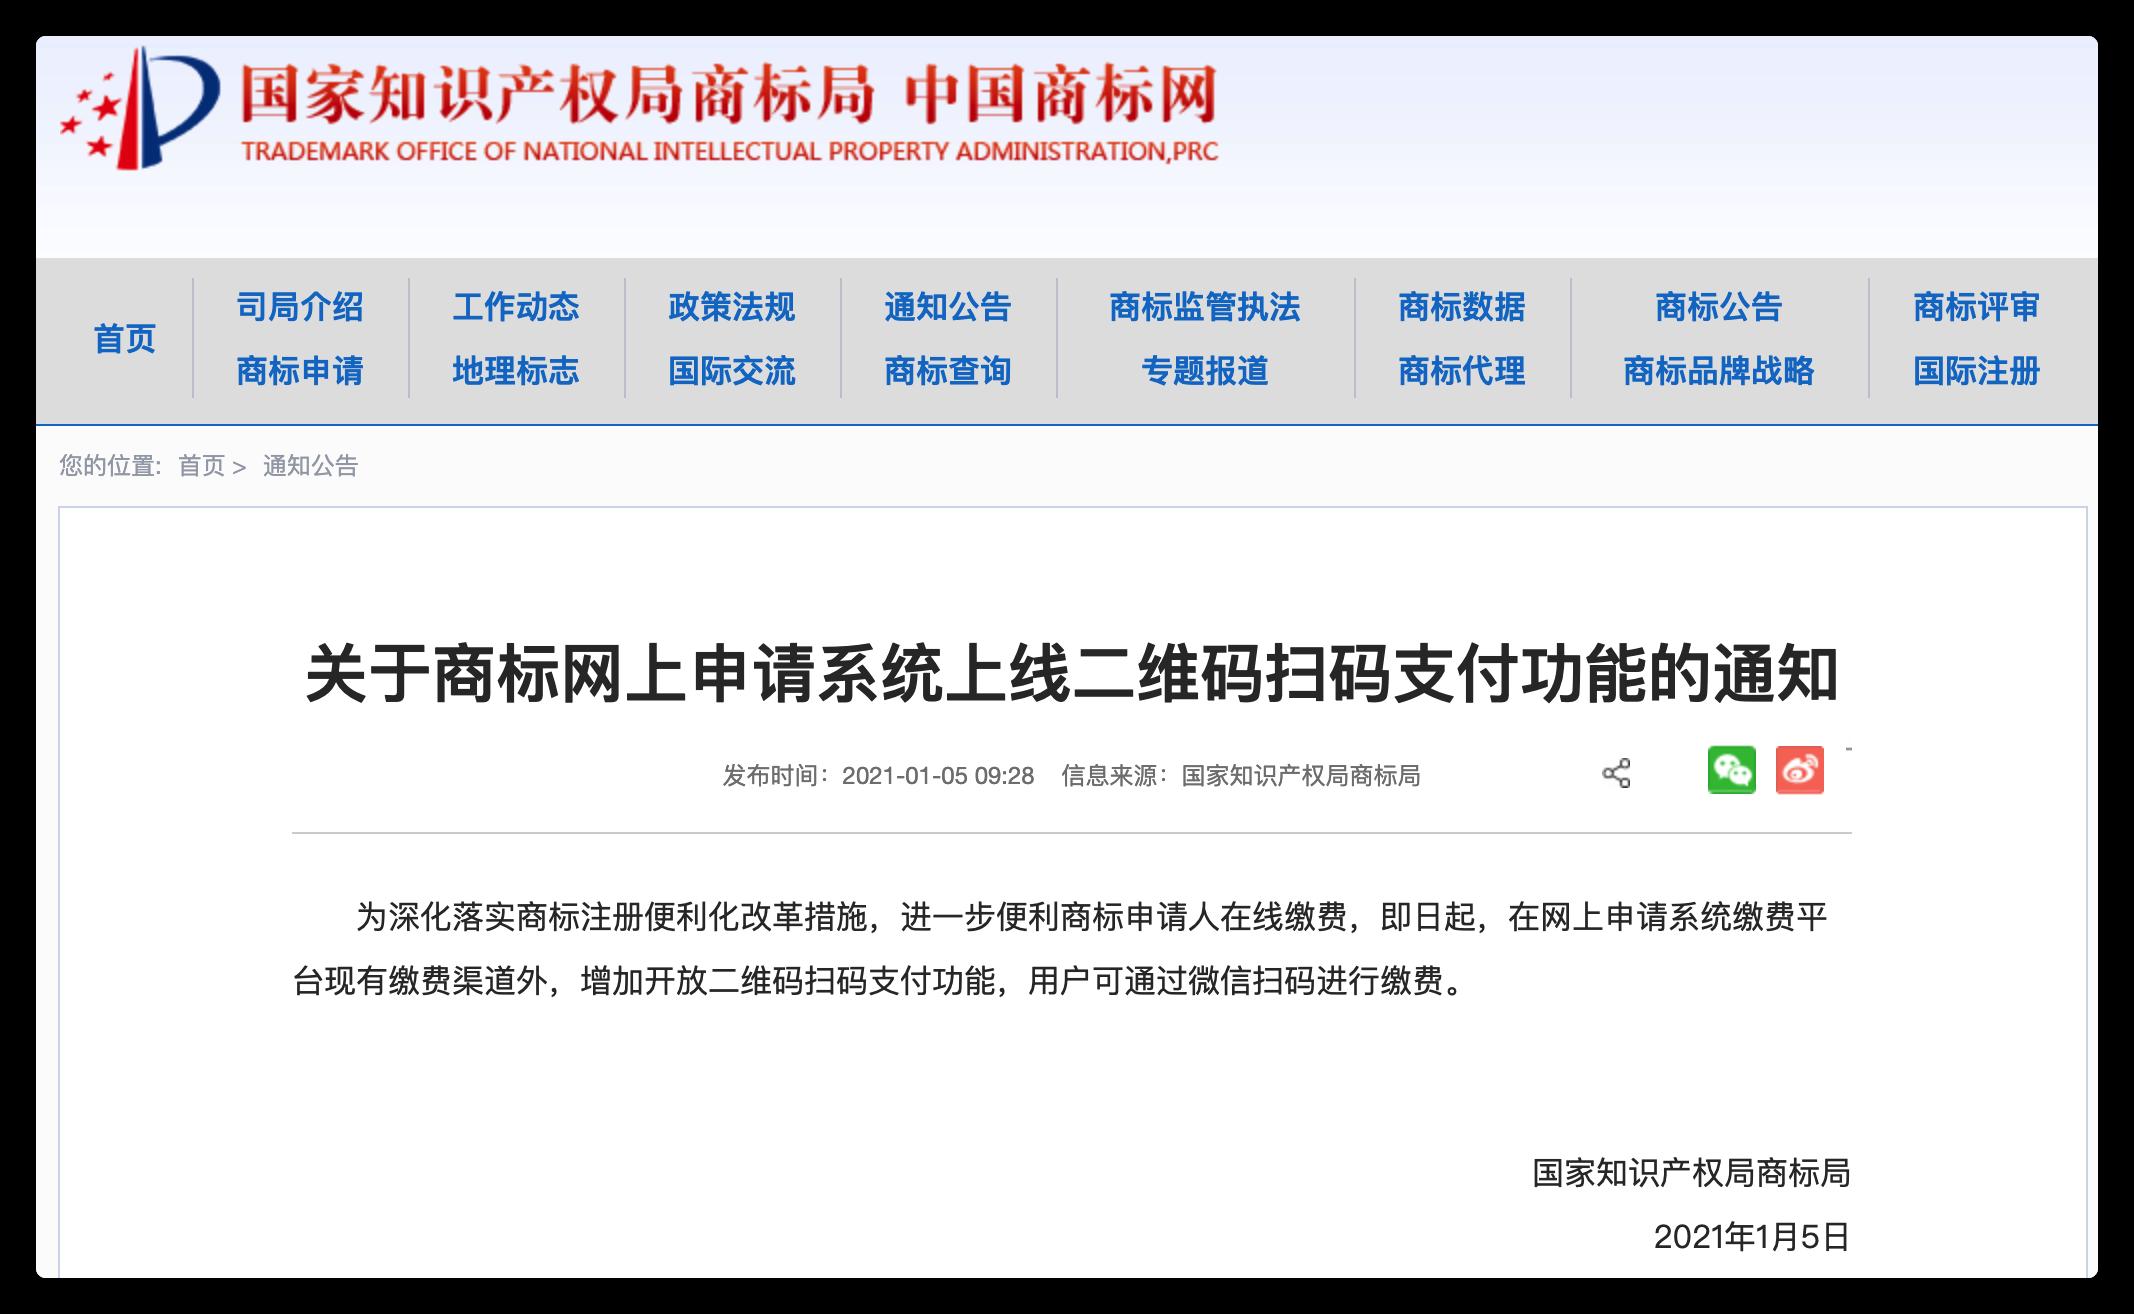 [知产晨讯]1月6日:商标网上申请系统上线二维码扫码支付功能;周强:确保民法典统一正确实施;郭敬明《晴雅集》下线 ,一次反抄袭的小胜利